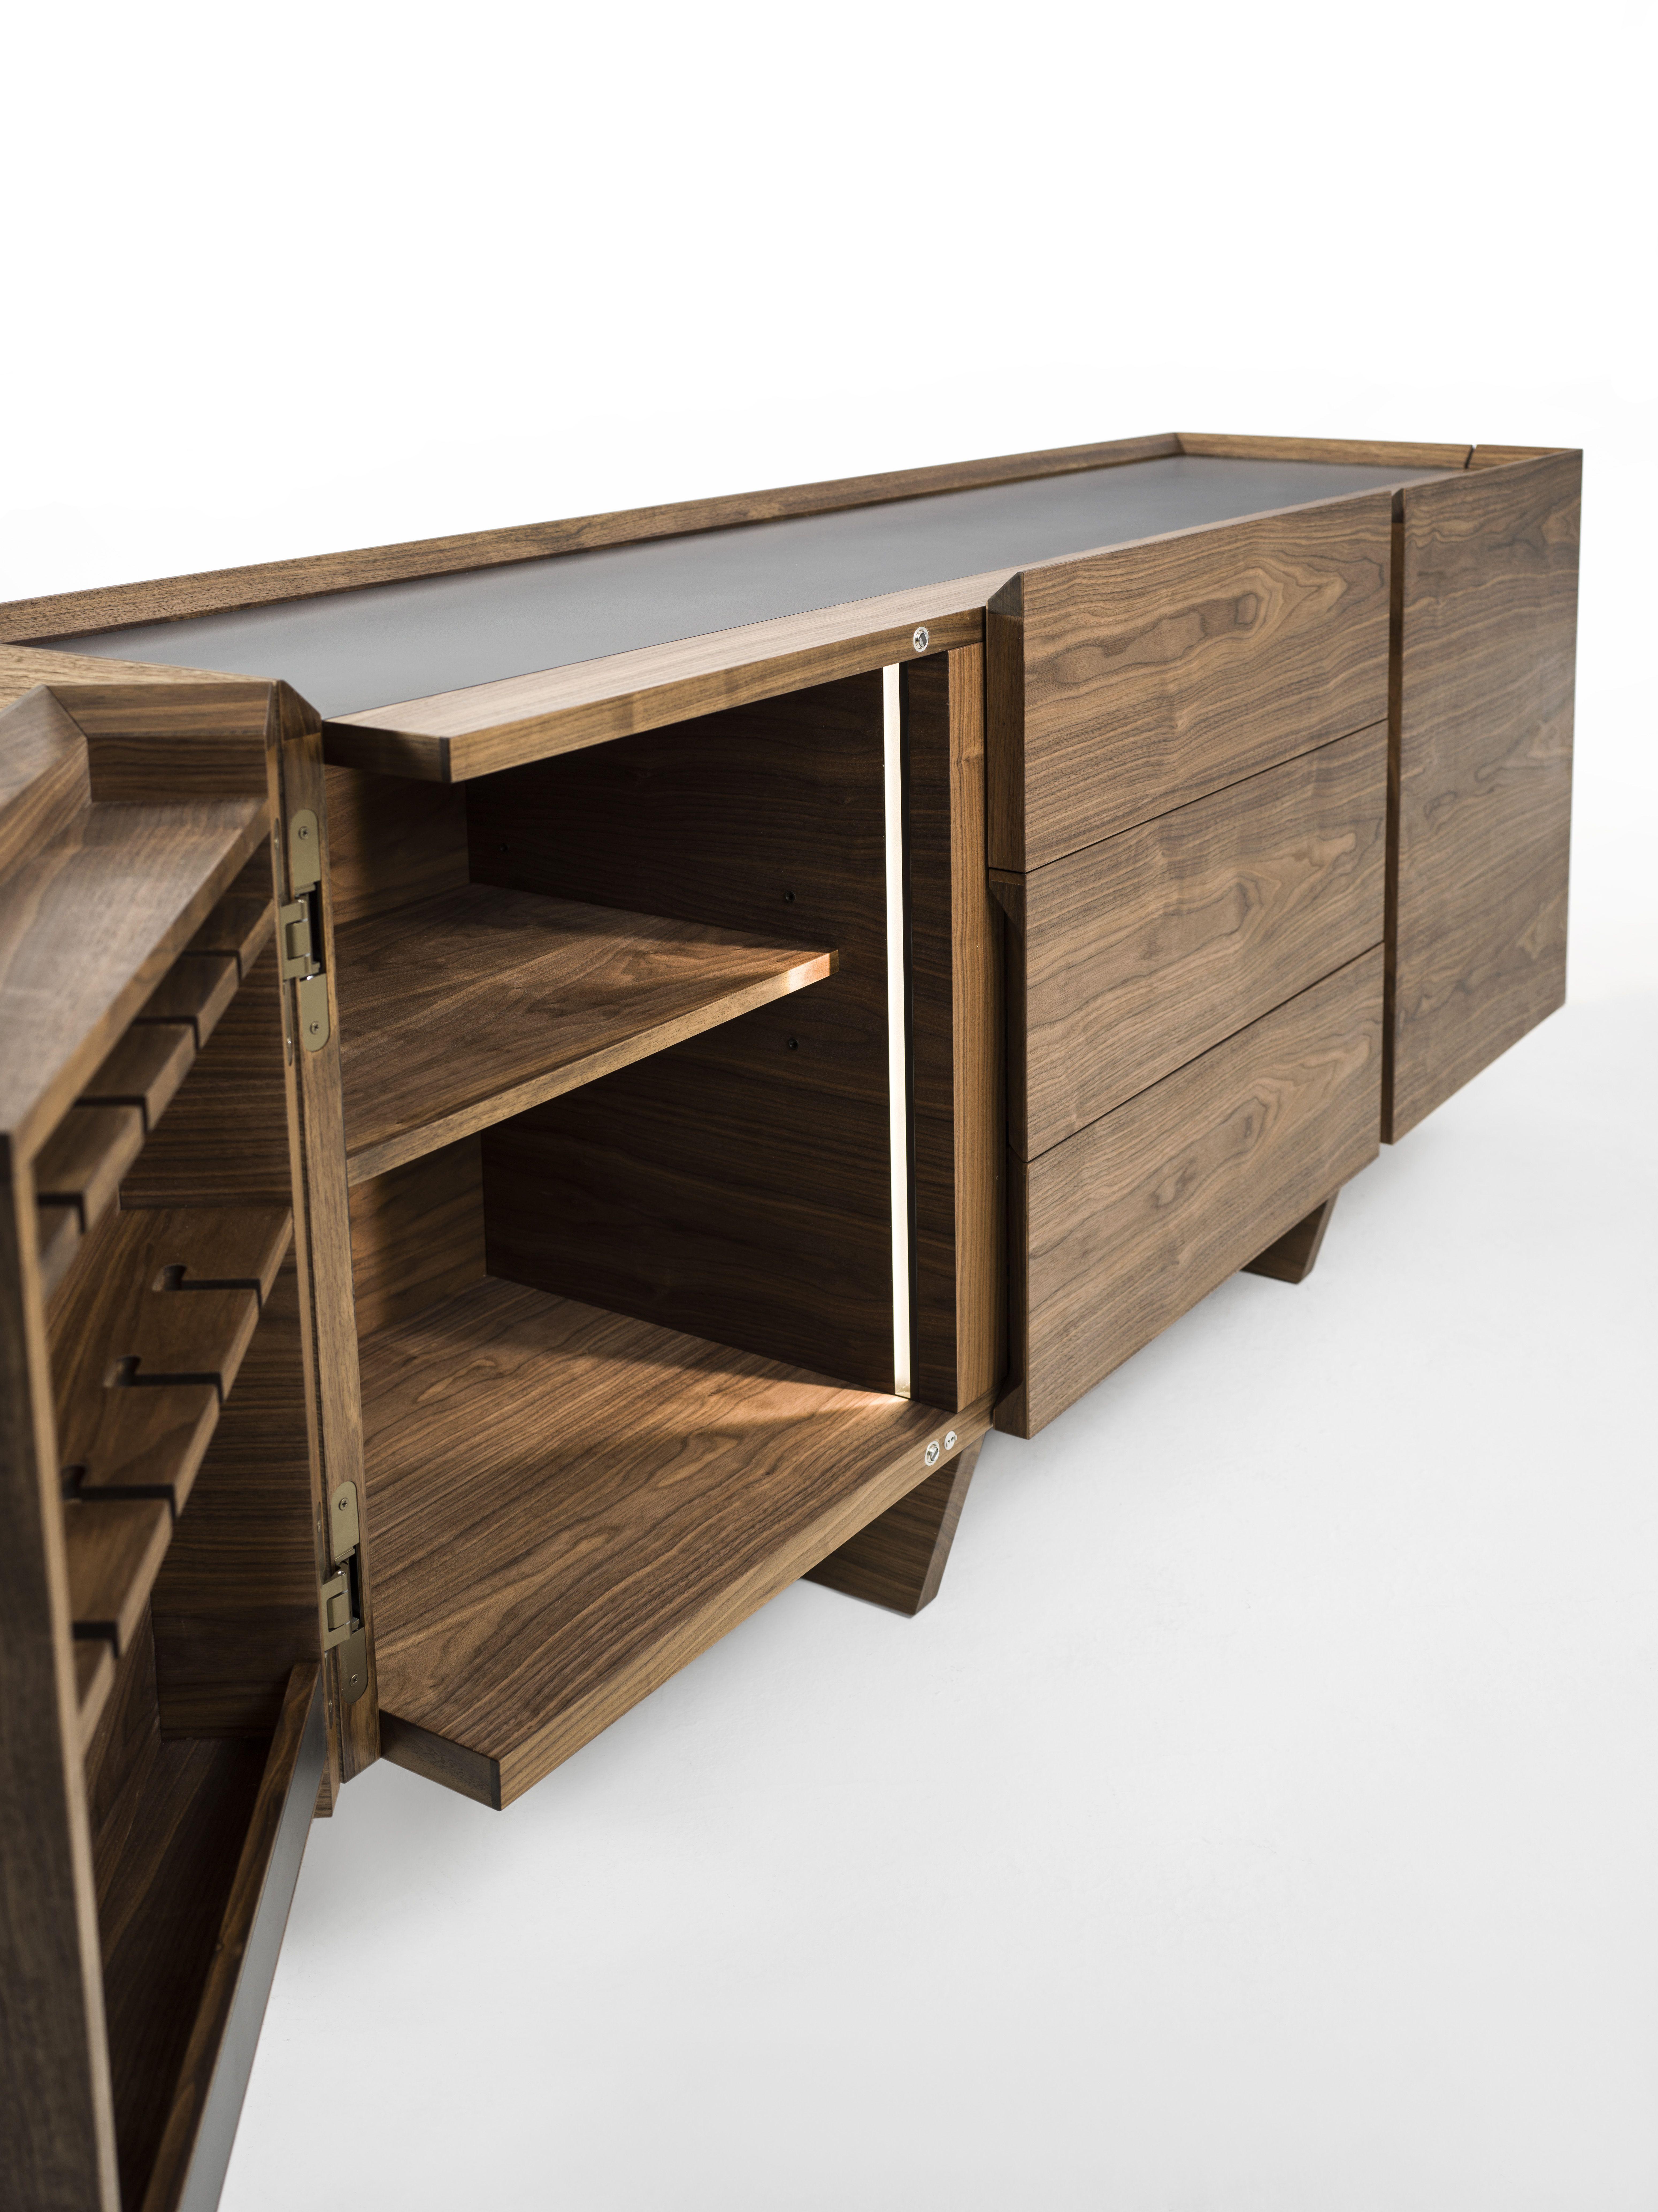 Progetto Cassettiera In Legno.Pin Di Riva Industria Mobili Su Pieces Of Furniture Nel 2019